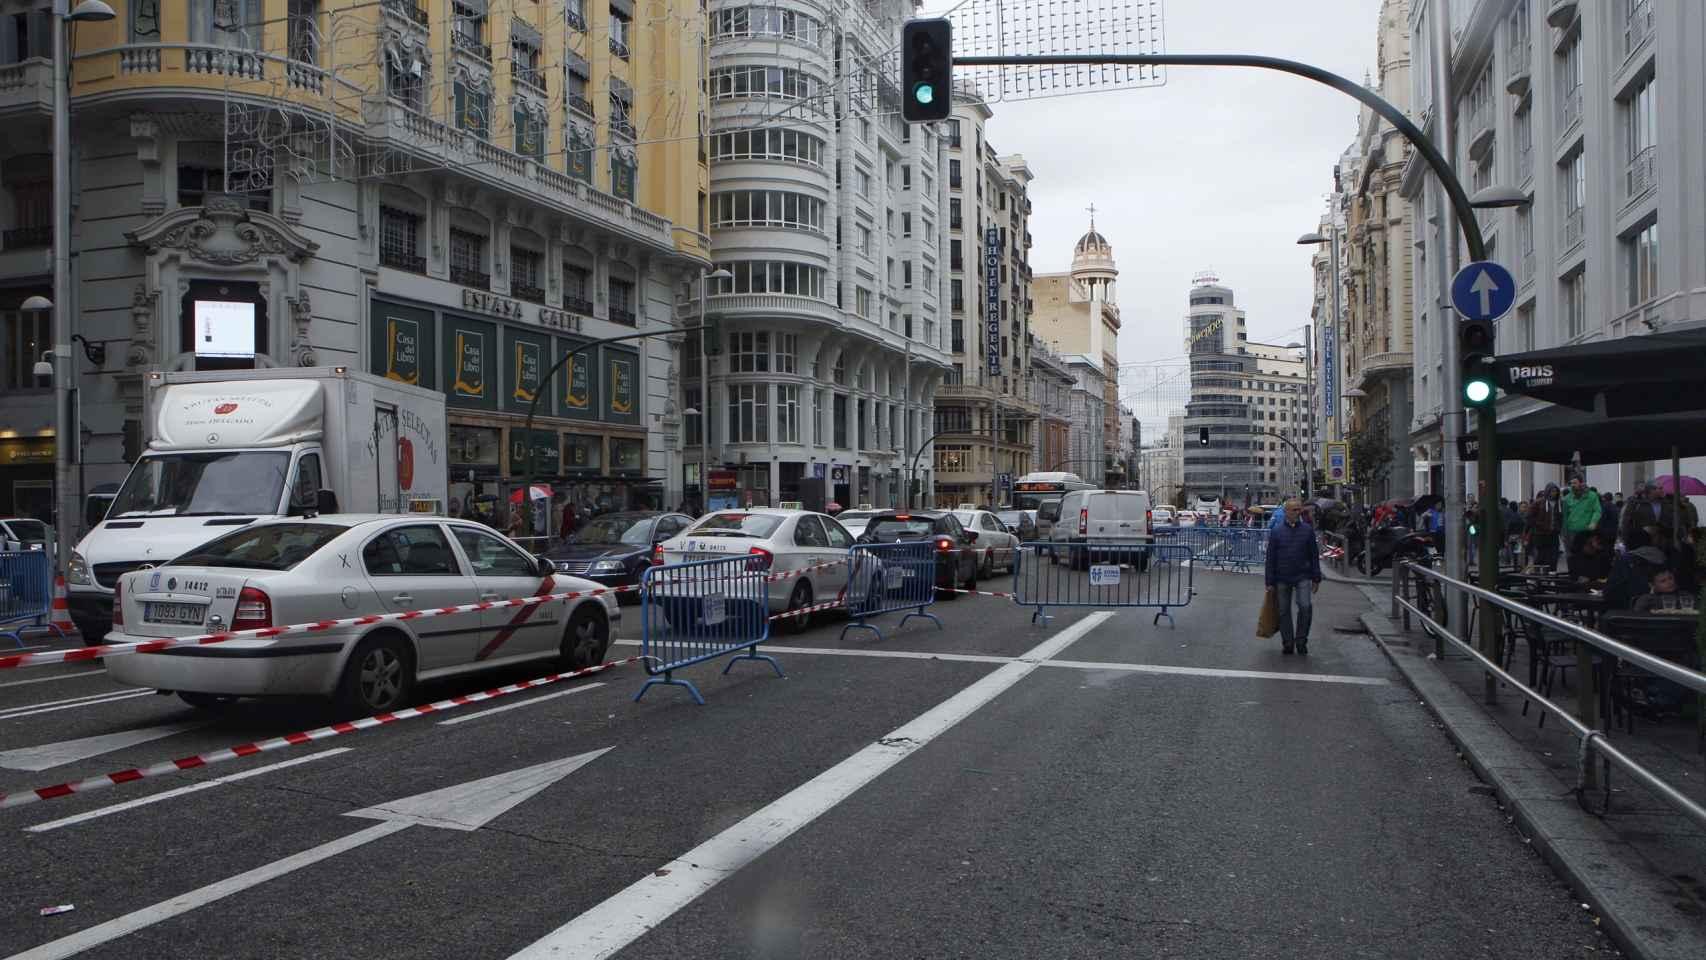 El tráfico en Gran Vía durante la mañana del lunes pasado.